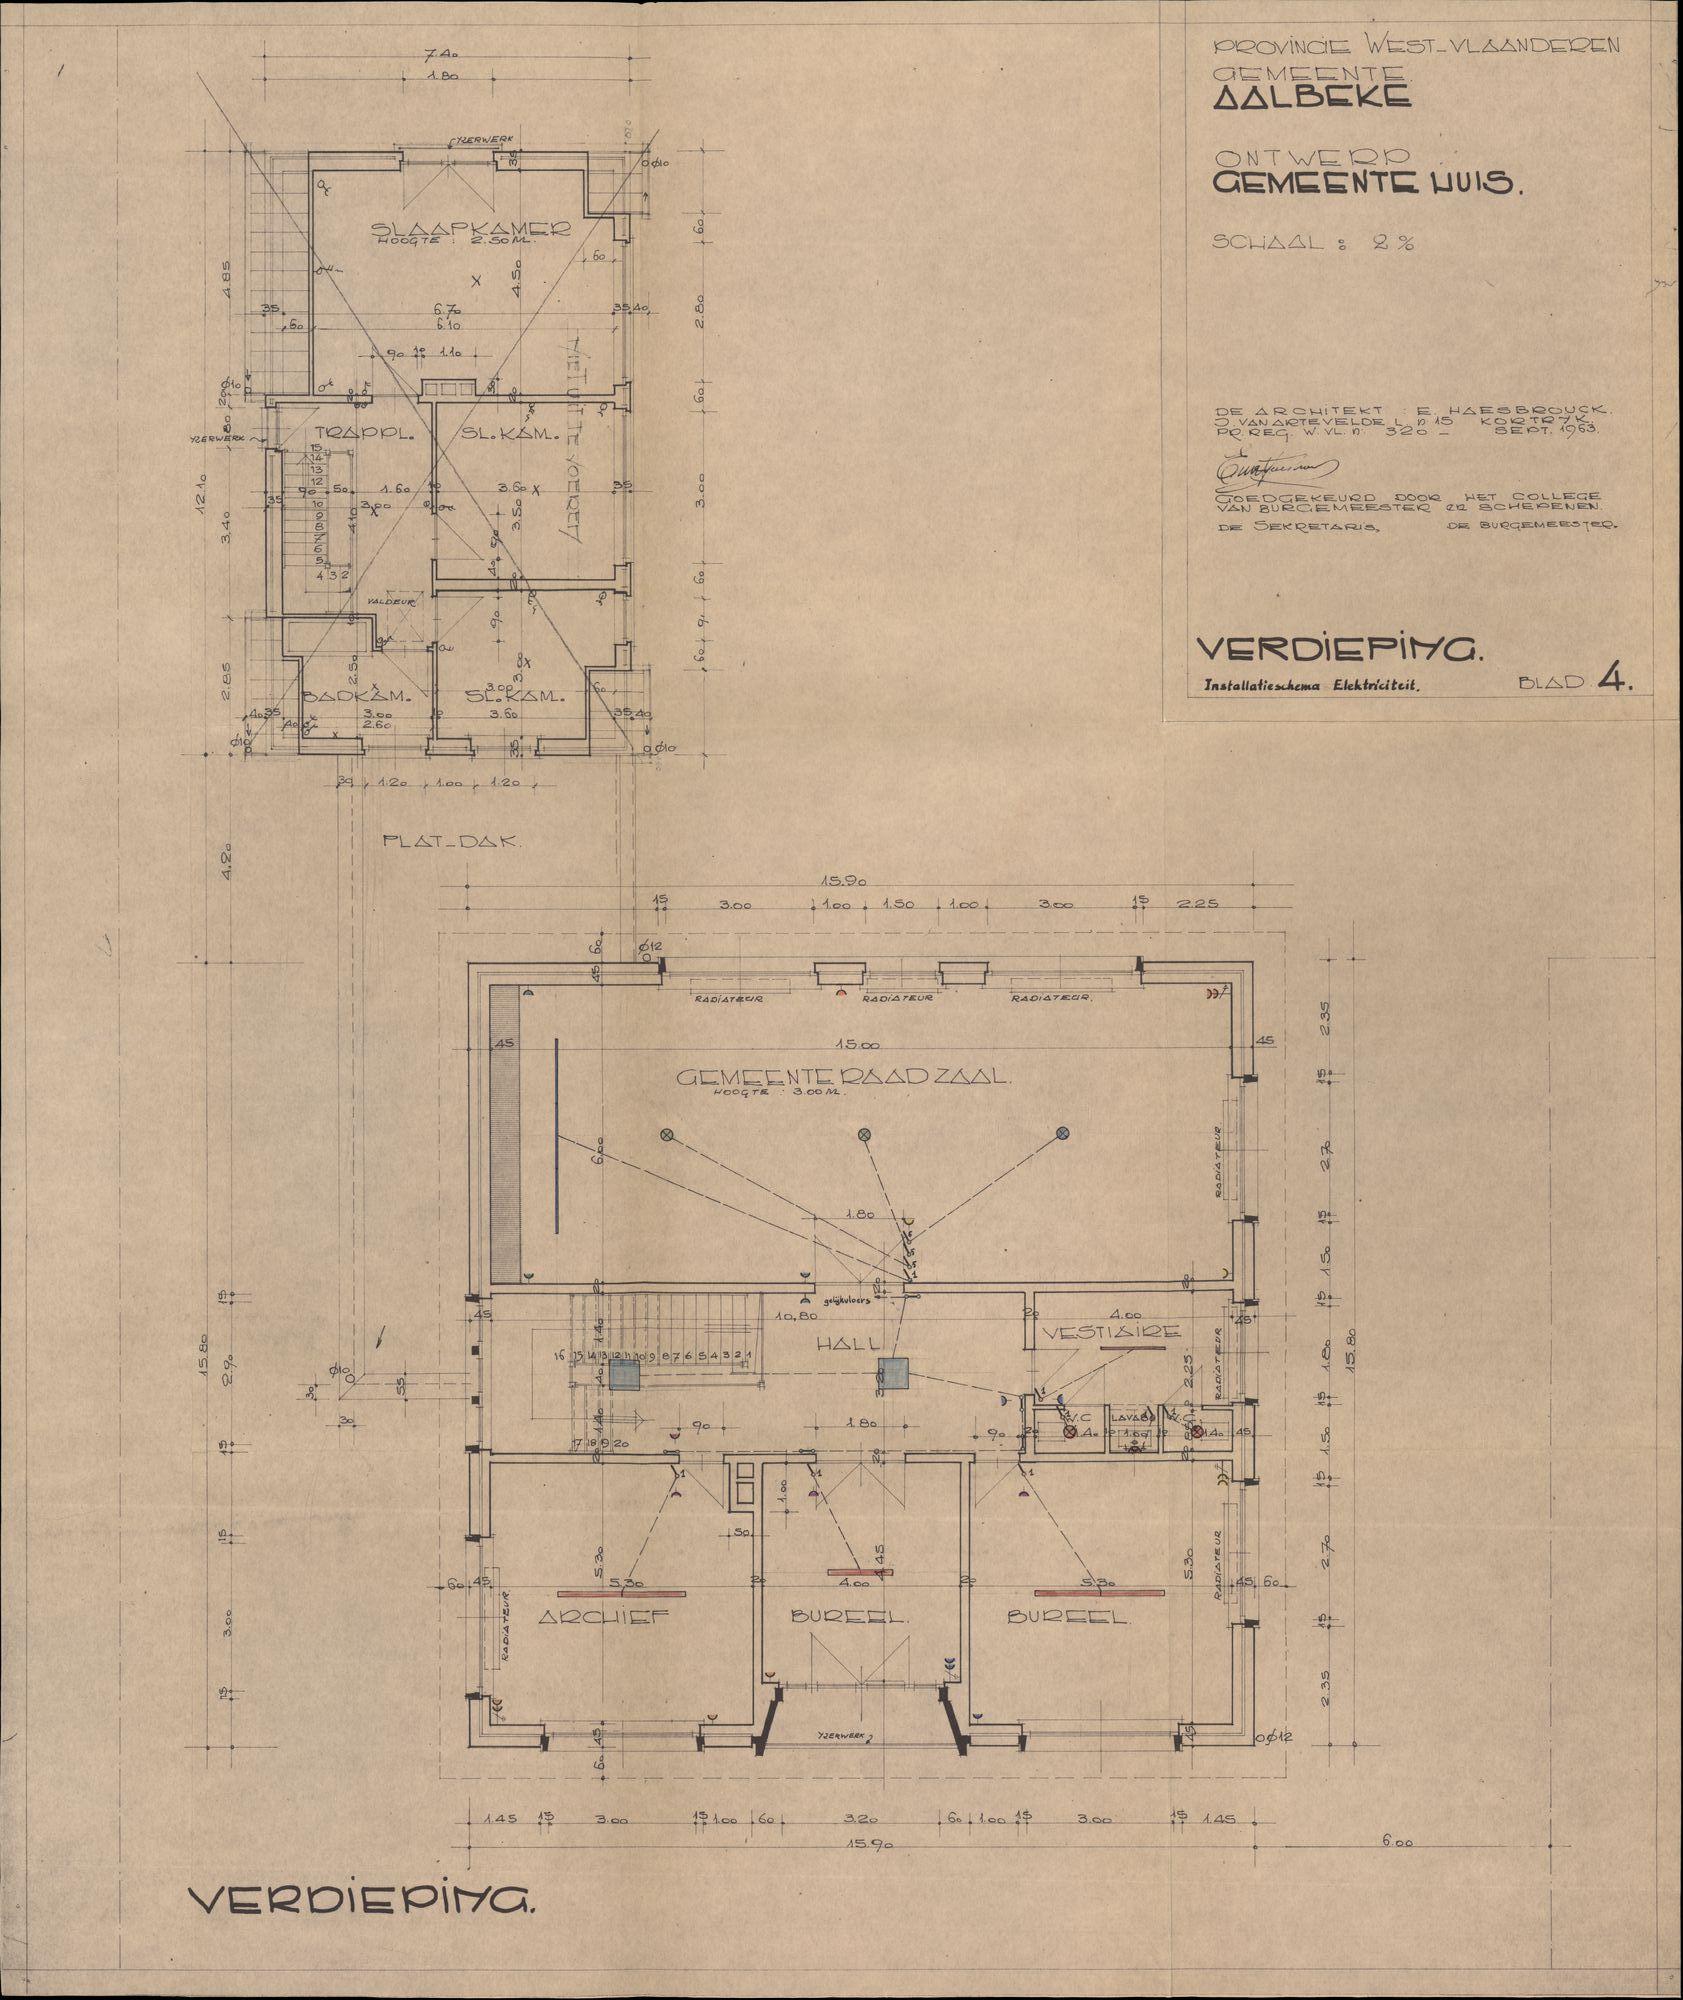 Bouwplannen voor een nieuw gemeentehuis te Aalbeke, 1963-1969